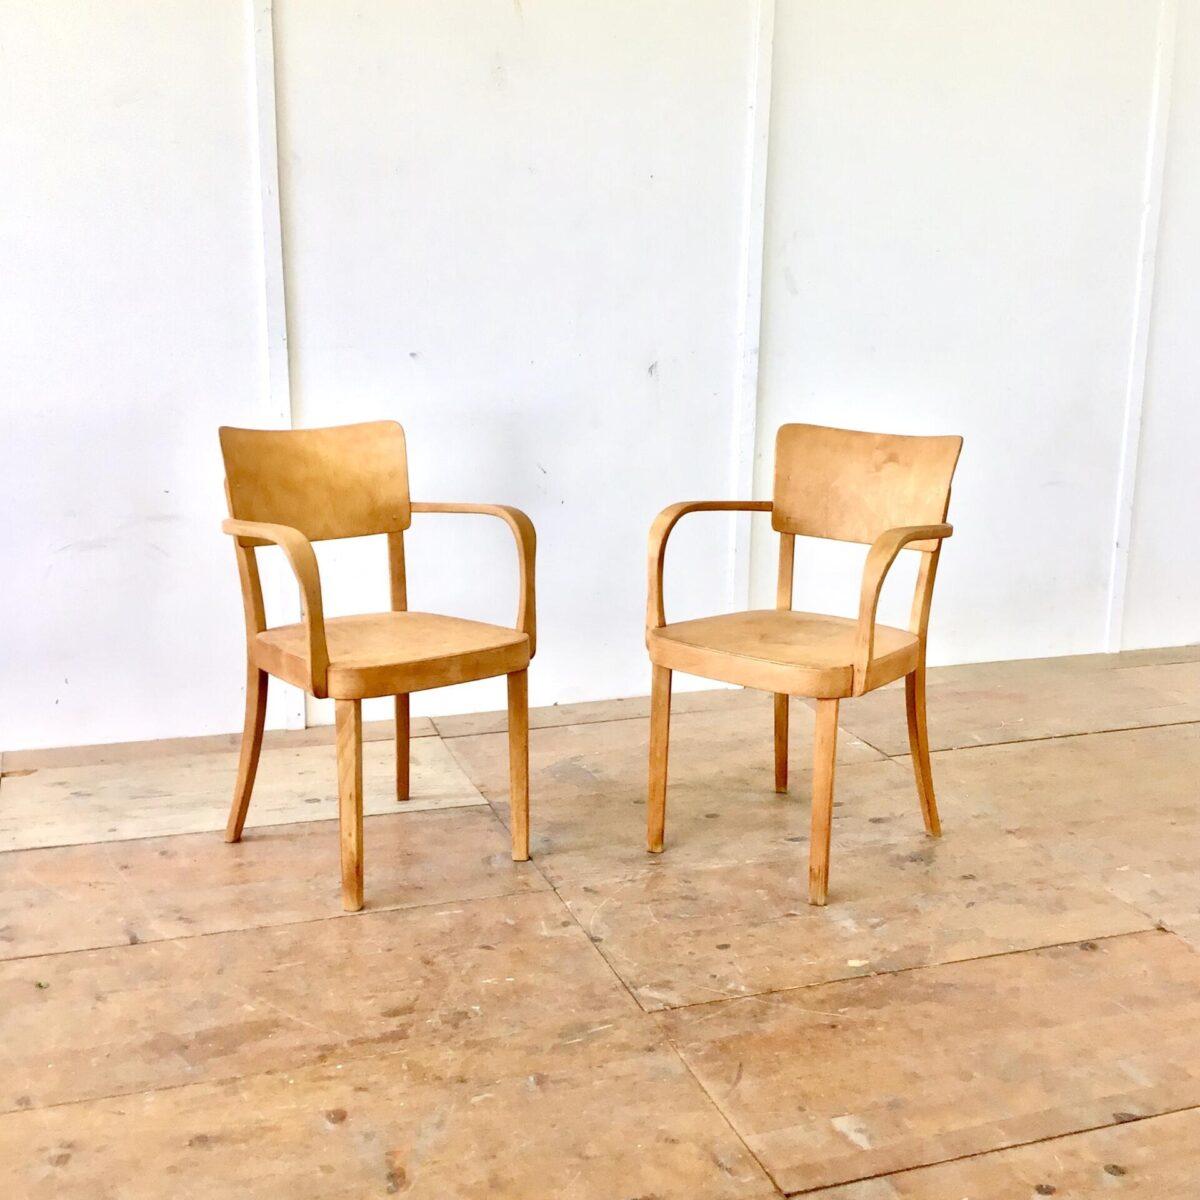 deuxieme.shop Zwei Armlehnstühle von horgenglarus. Stabiler Zustand Oberfläche geschliffen und geölt. Warme matte Alterspatina. Dieser Stuhl wird heute noch ohne Armlehnen produziert, unter dem Modell Safran. Natürlich nicht so breit wie diese zwei Sessel.